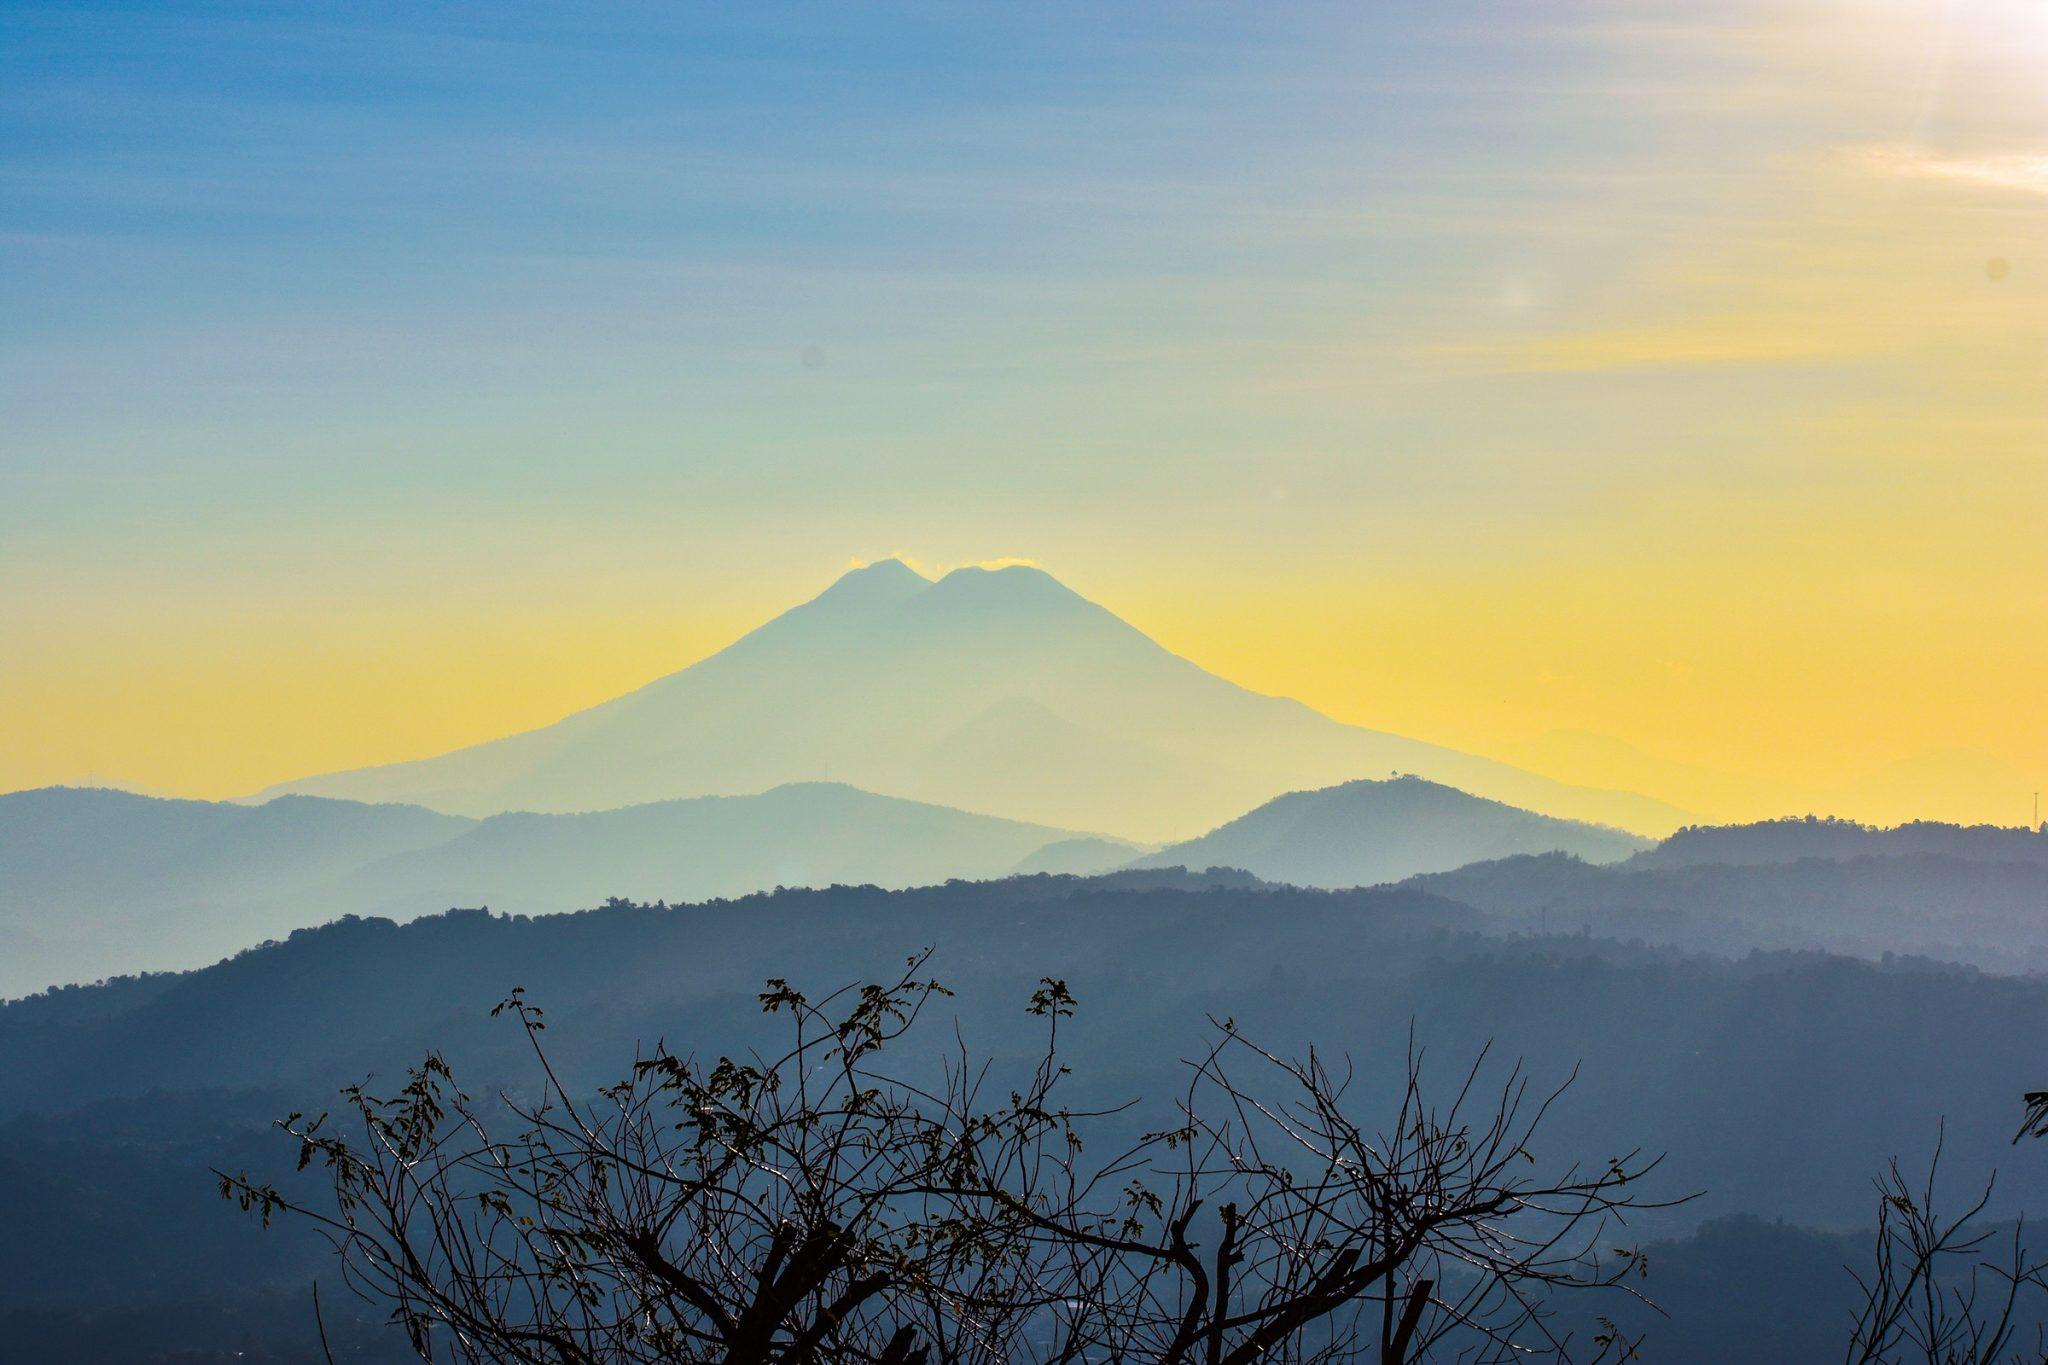 specialty-coffee-origins-el-salvador-vulcano-view-sunrise